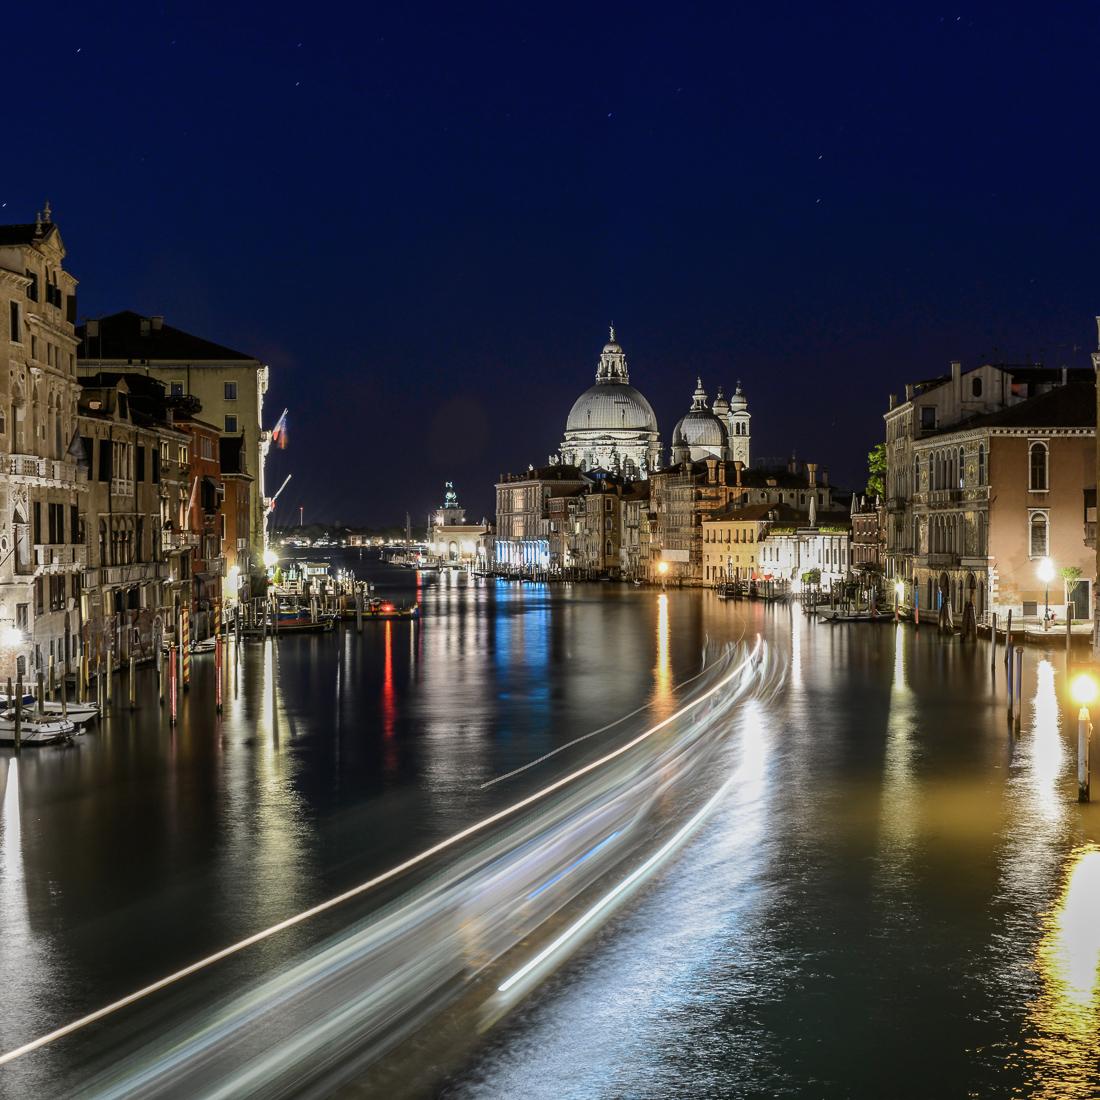 © Helmut Harringer / www.speedlight.at